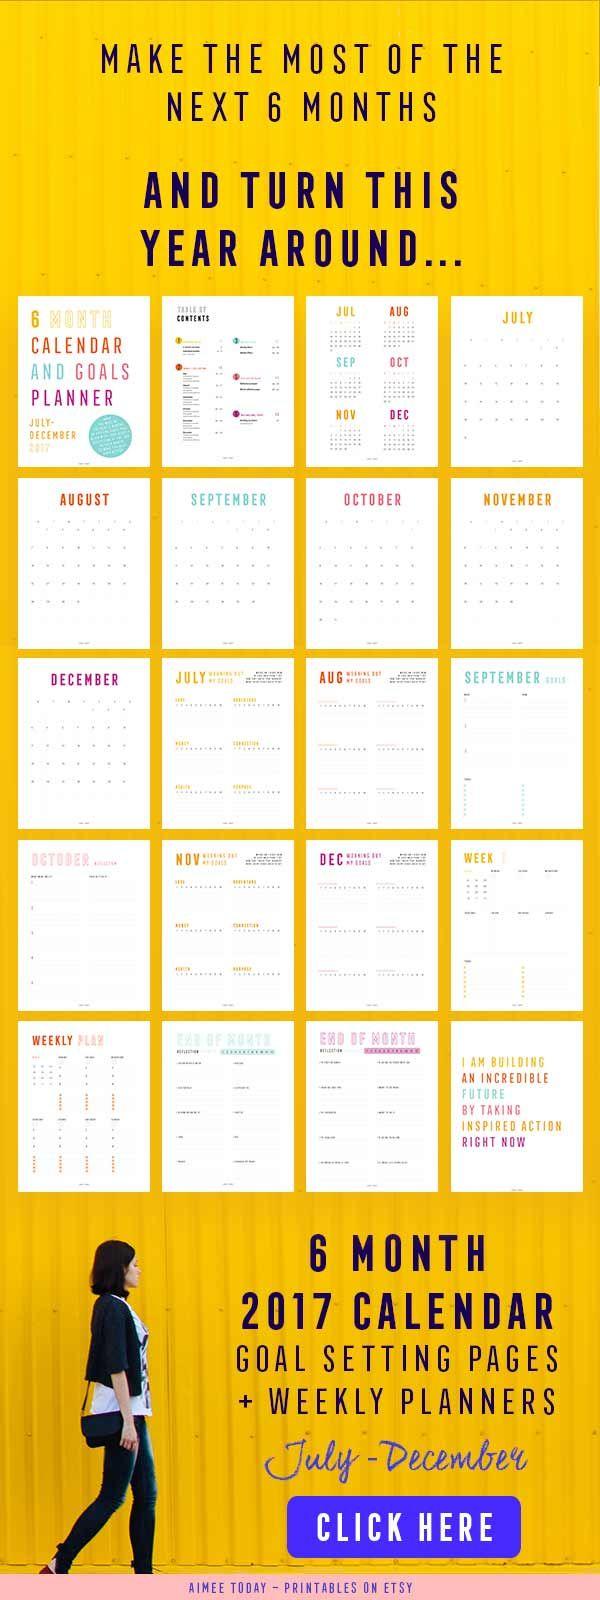 Calendar Year Goals : Best ideas about printable calendars on pinterest